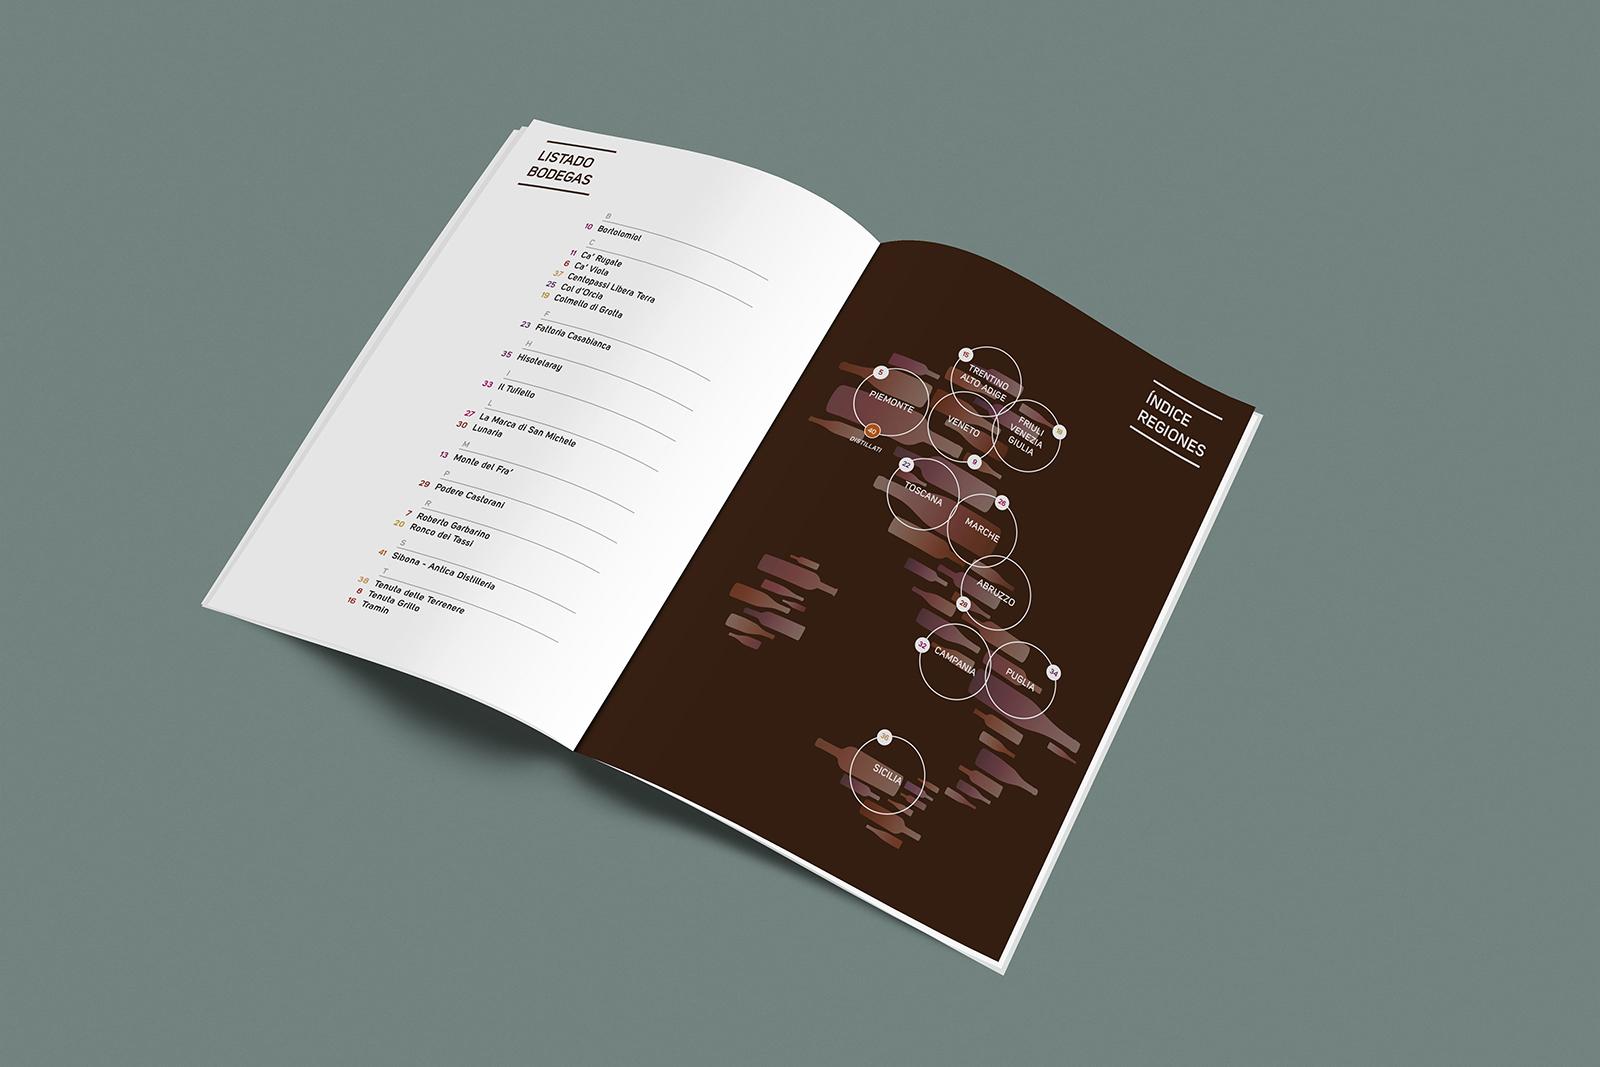 catalogue-enoteca-spread-1